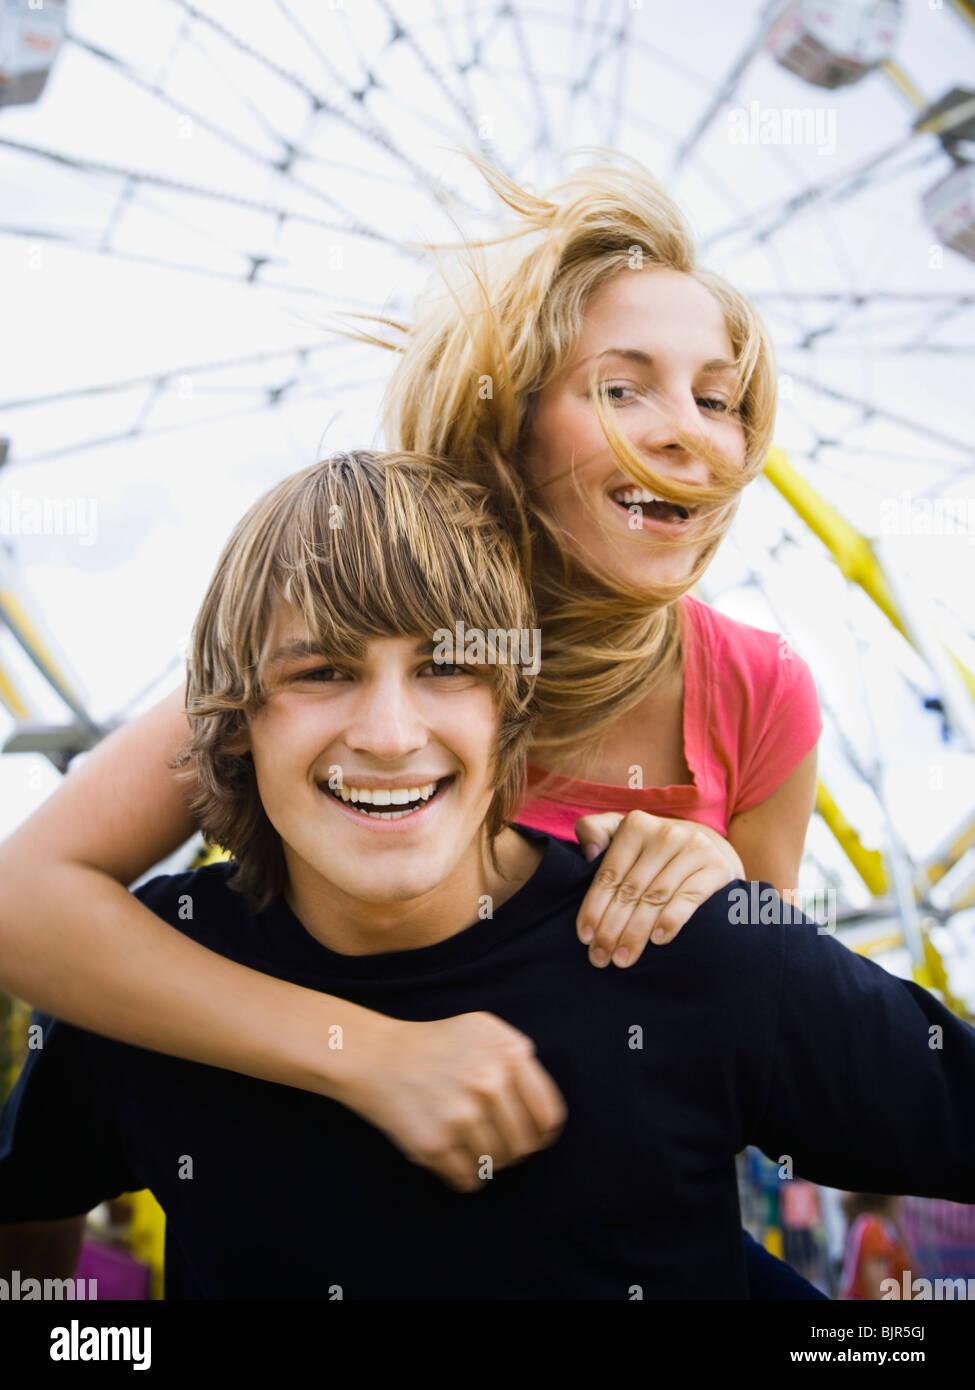 amusement park stock photos amp amusement park stock images